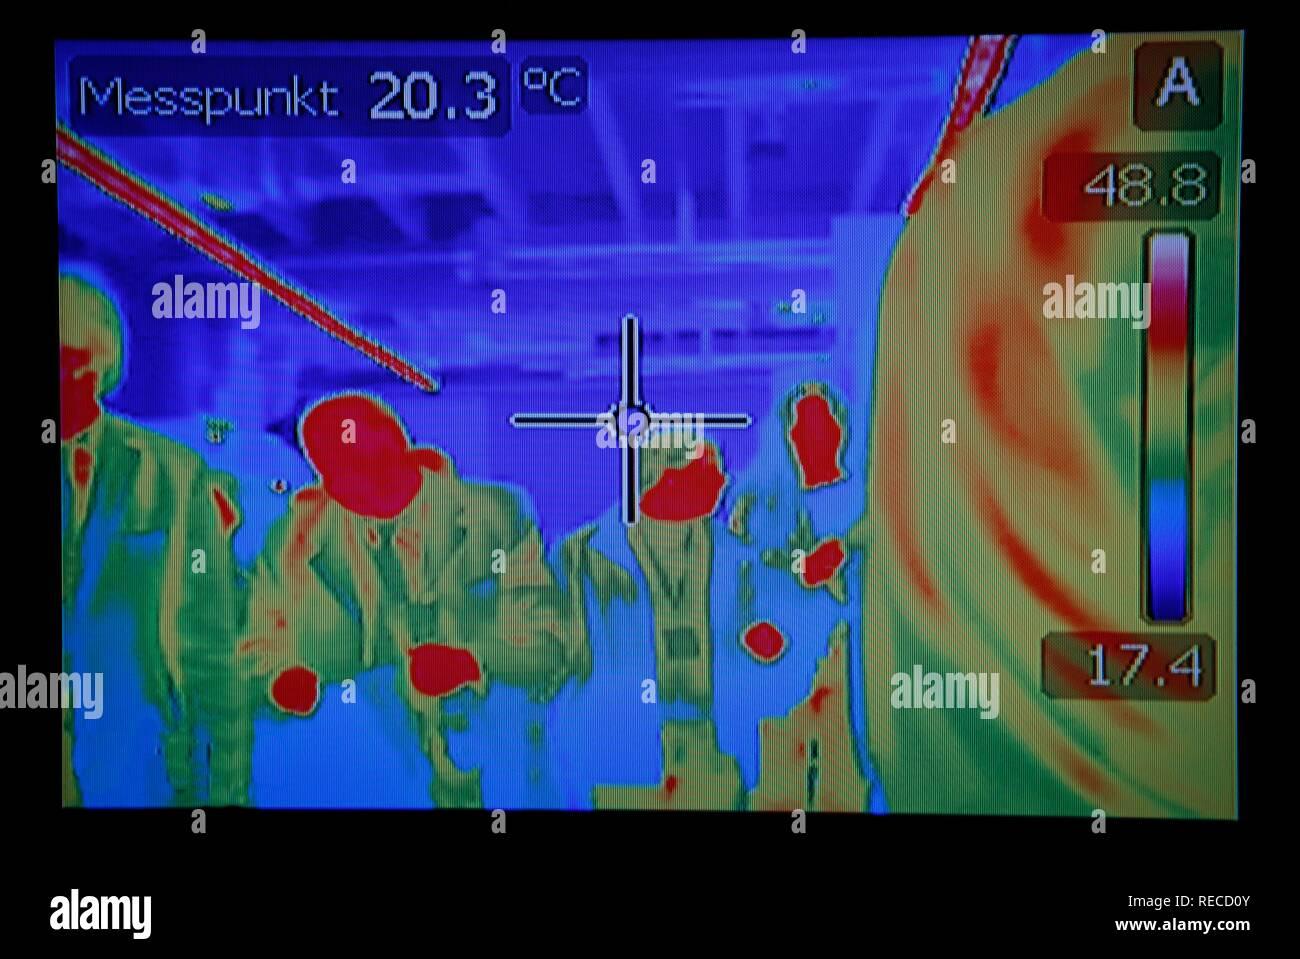 Image d'une caméra à imagerie thermique qui mesure la température du corps de personnes à pied passé Photo Stock